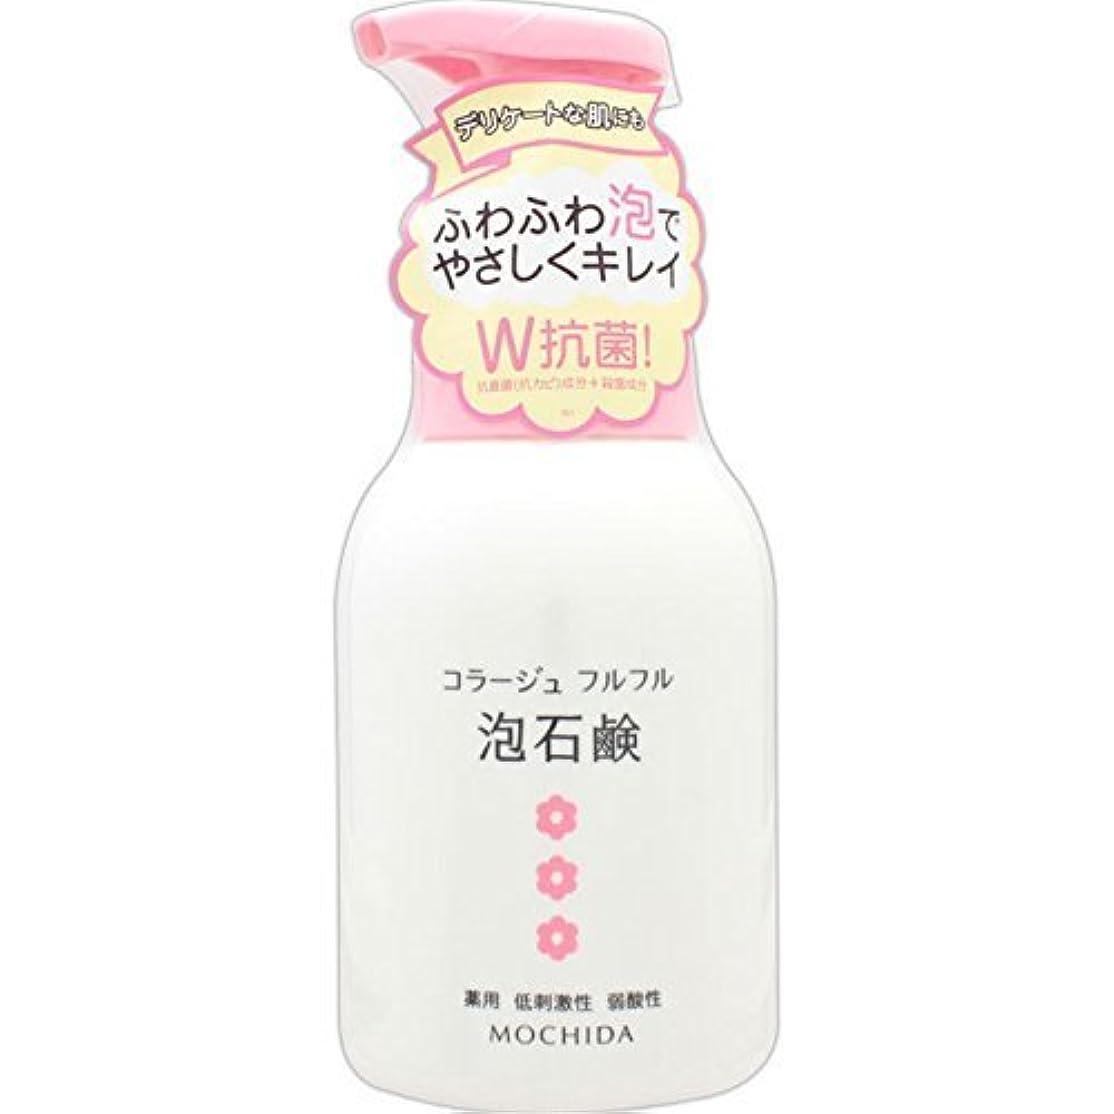 傑作キャプション天使コラージュフルフル 泡石鹸 ピンク 300m L (医薬部外品) ×10